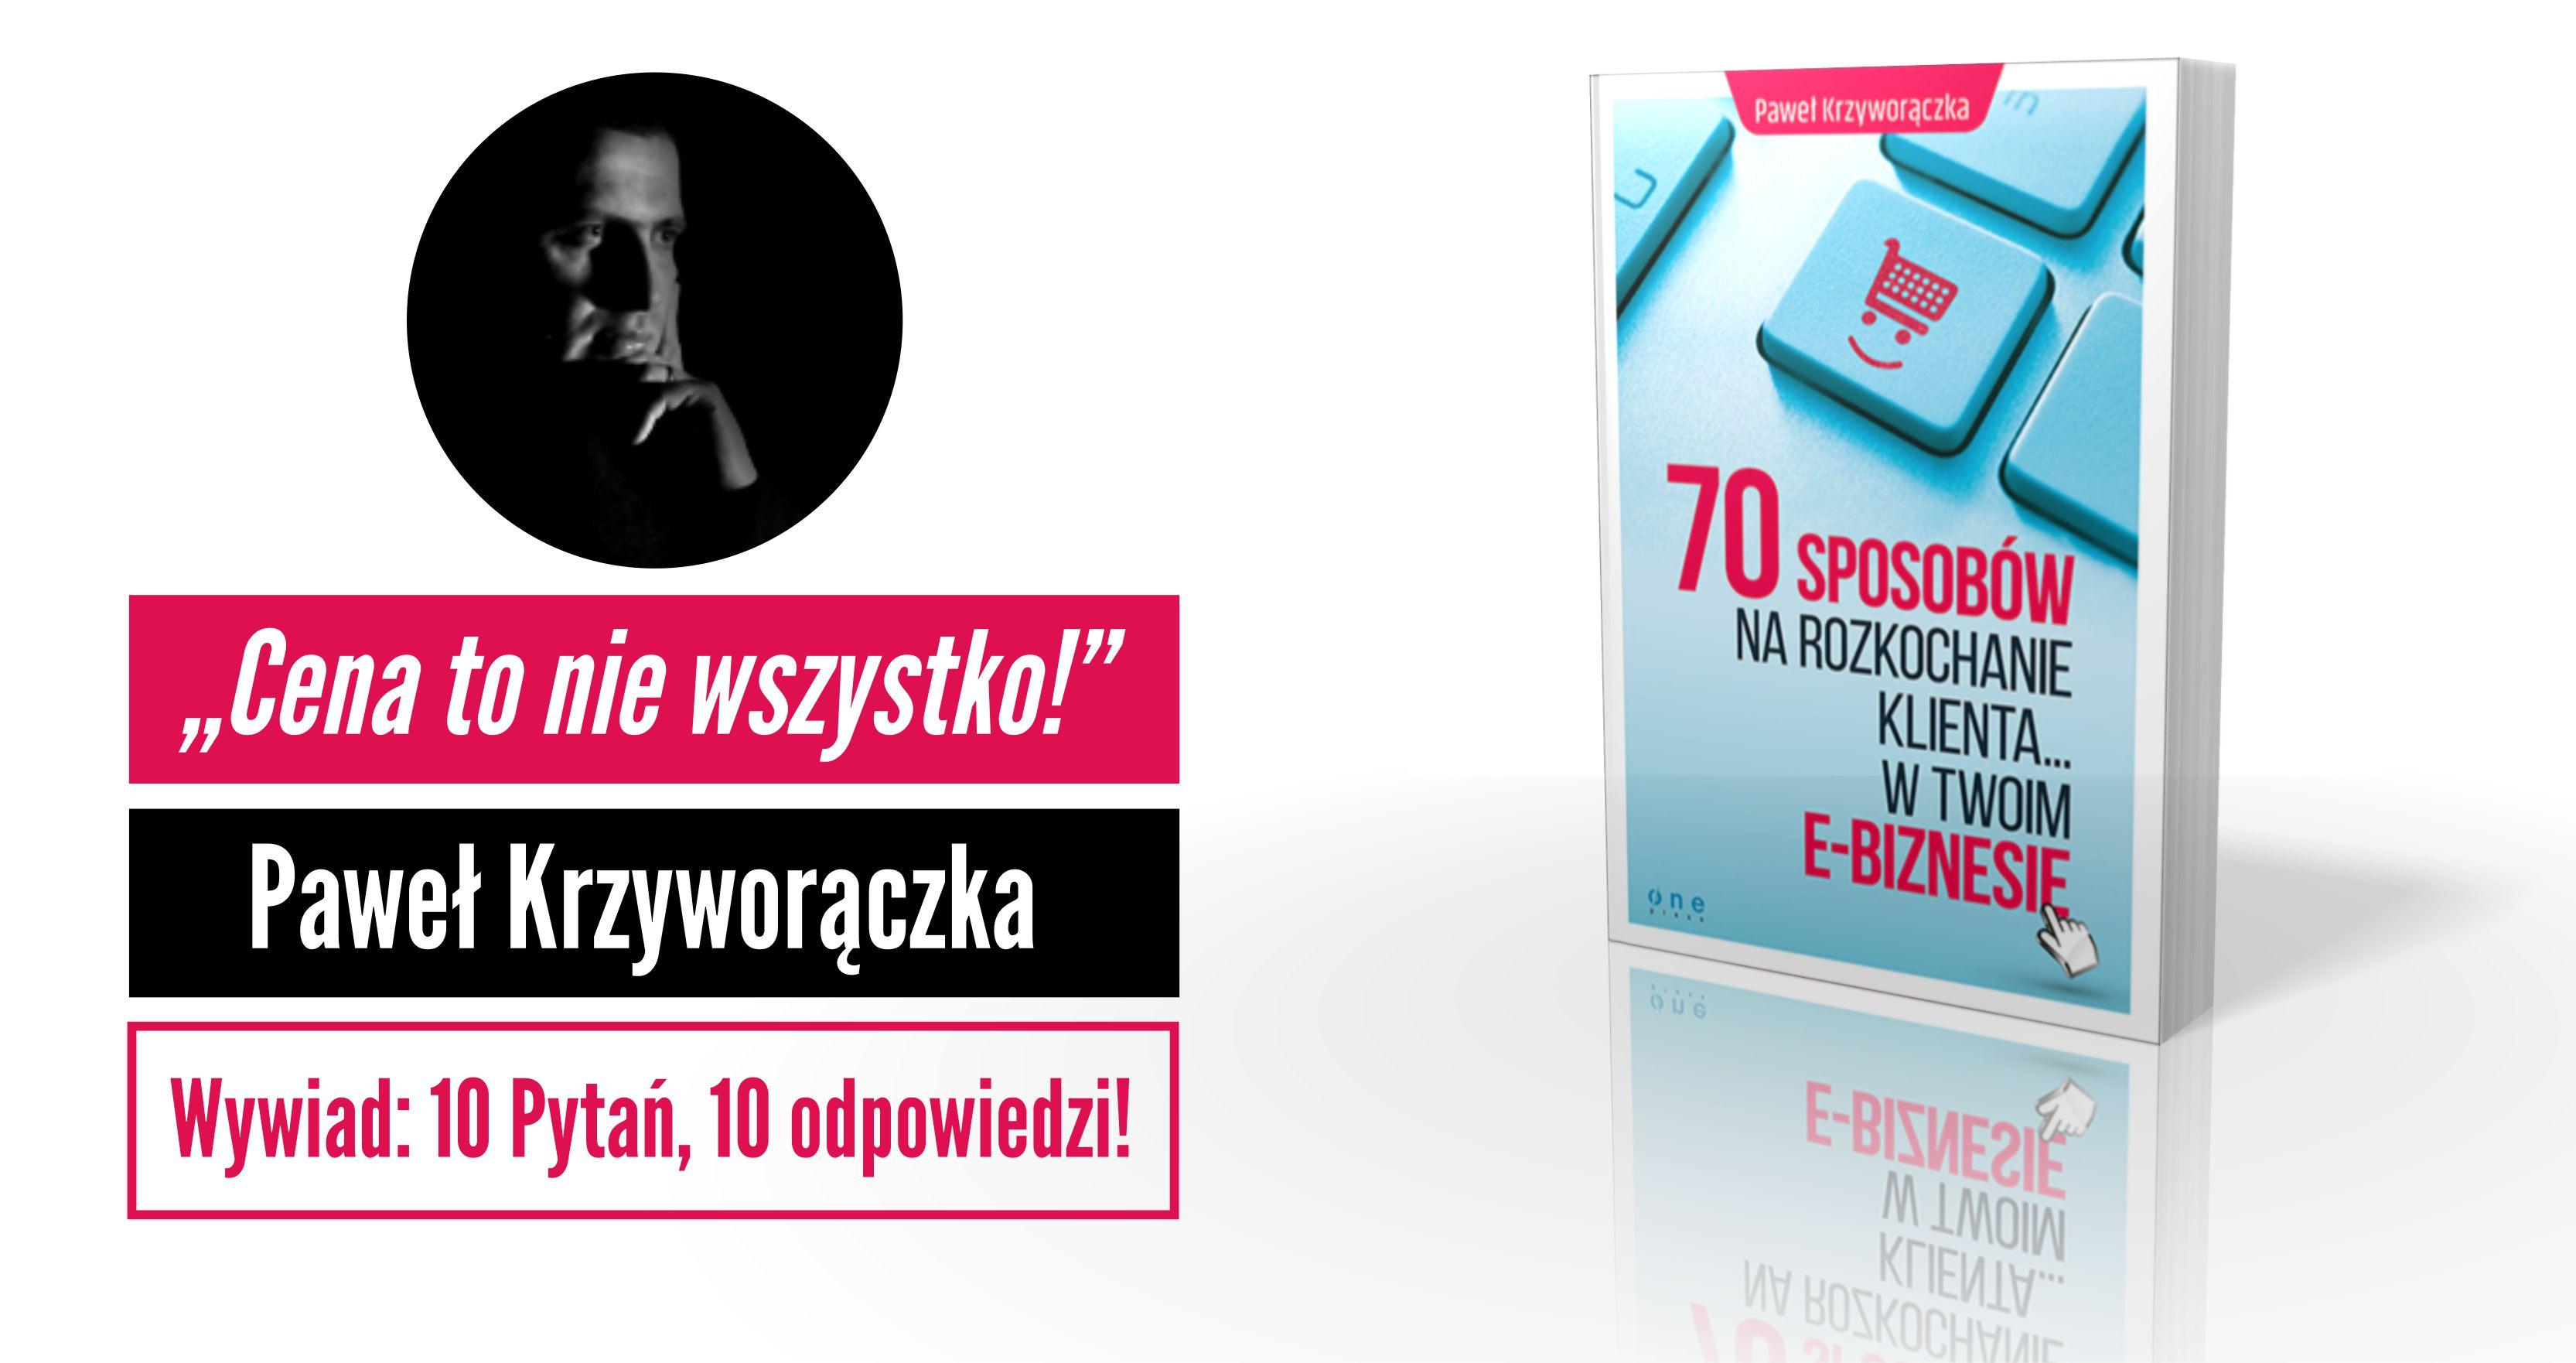 """""""Cena tonie wszystko!"""" Wywiad zPawłem Krzyworączką, autorem bestsellera oobsłudze Klienta."""